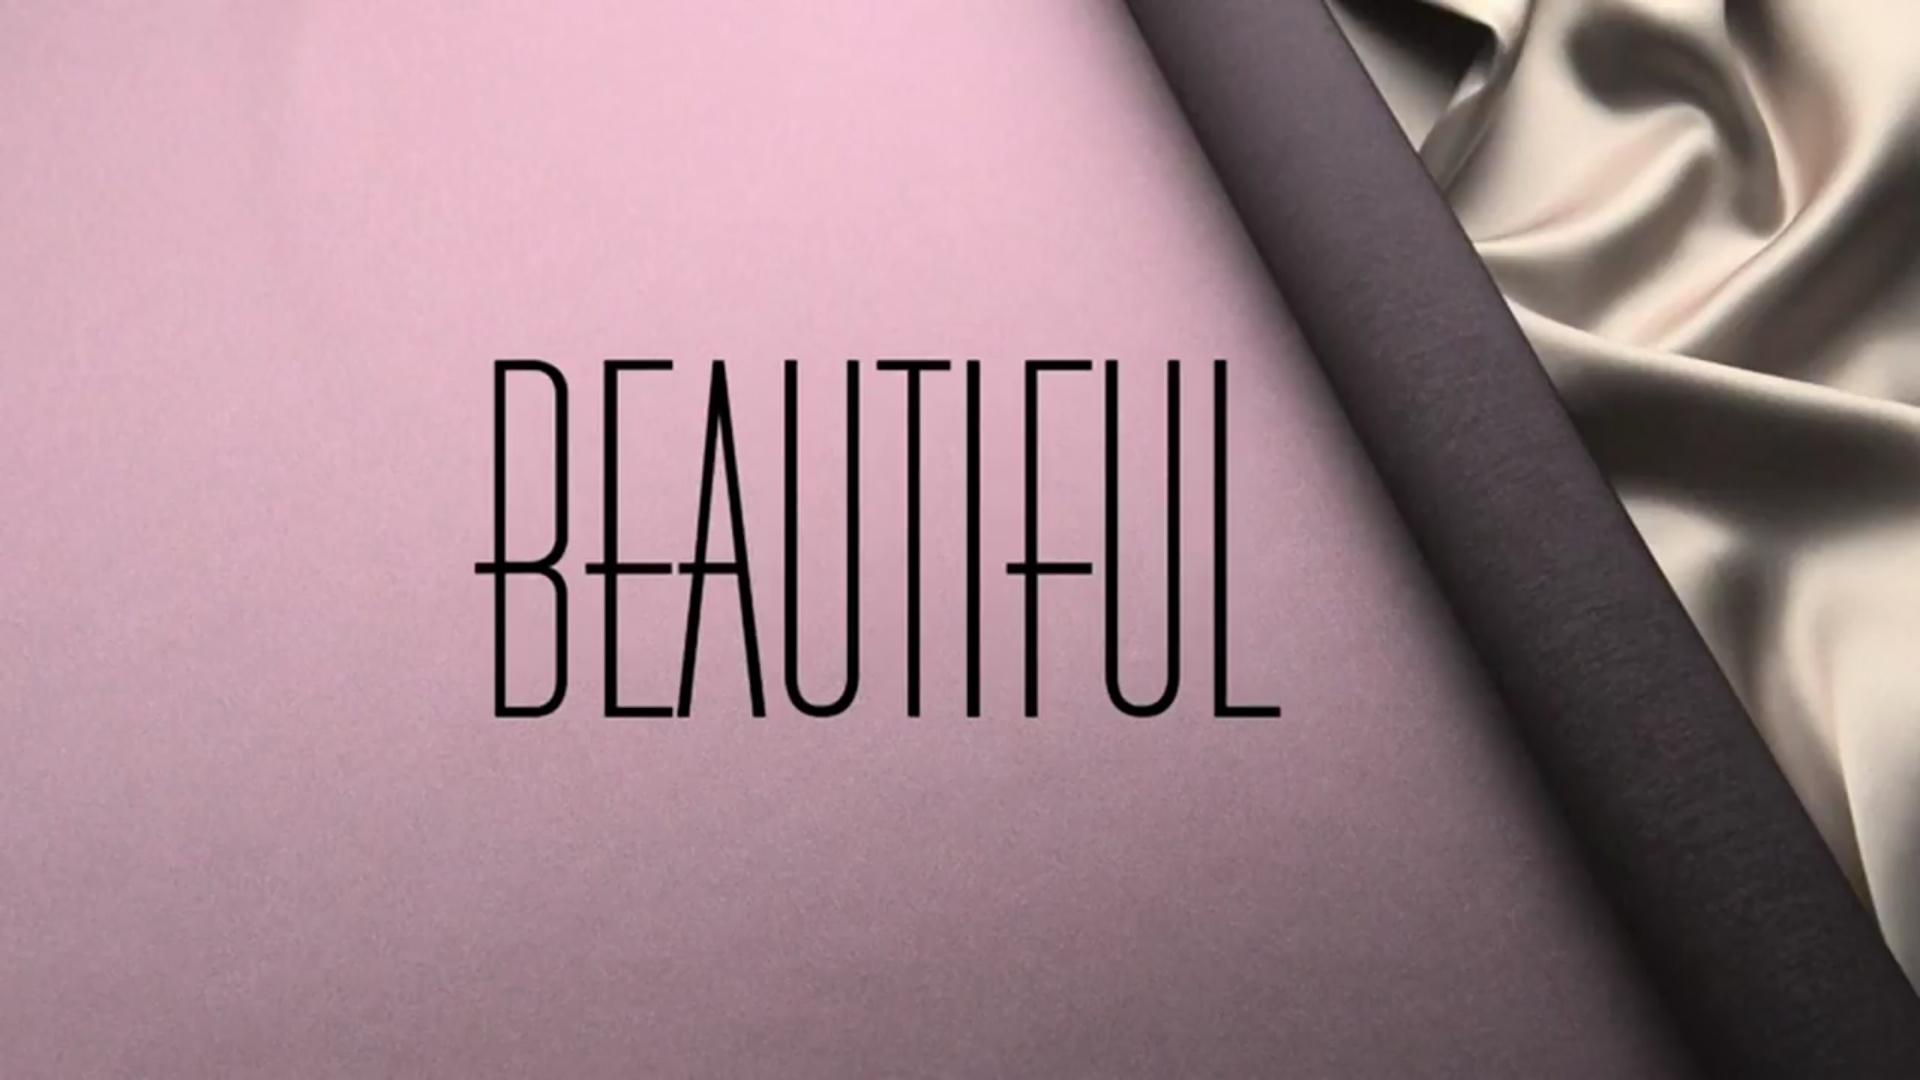 Come e dove vedere le repliche di Beautiful in Tv e streaming?